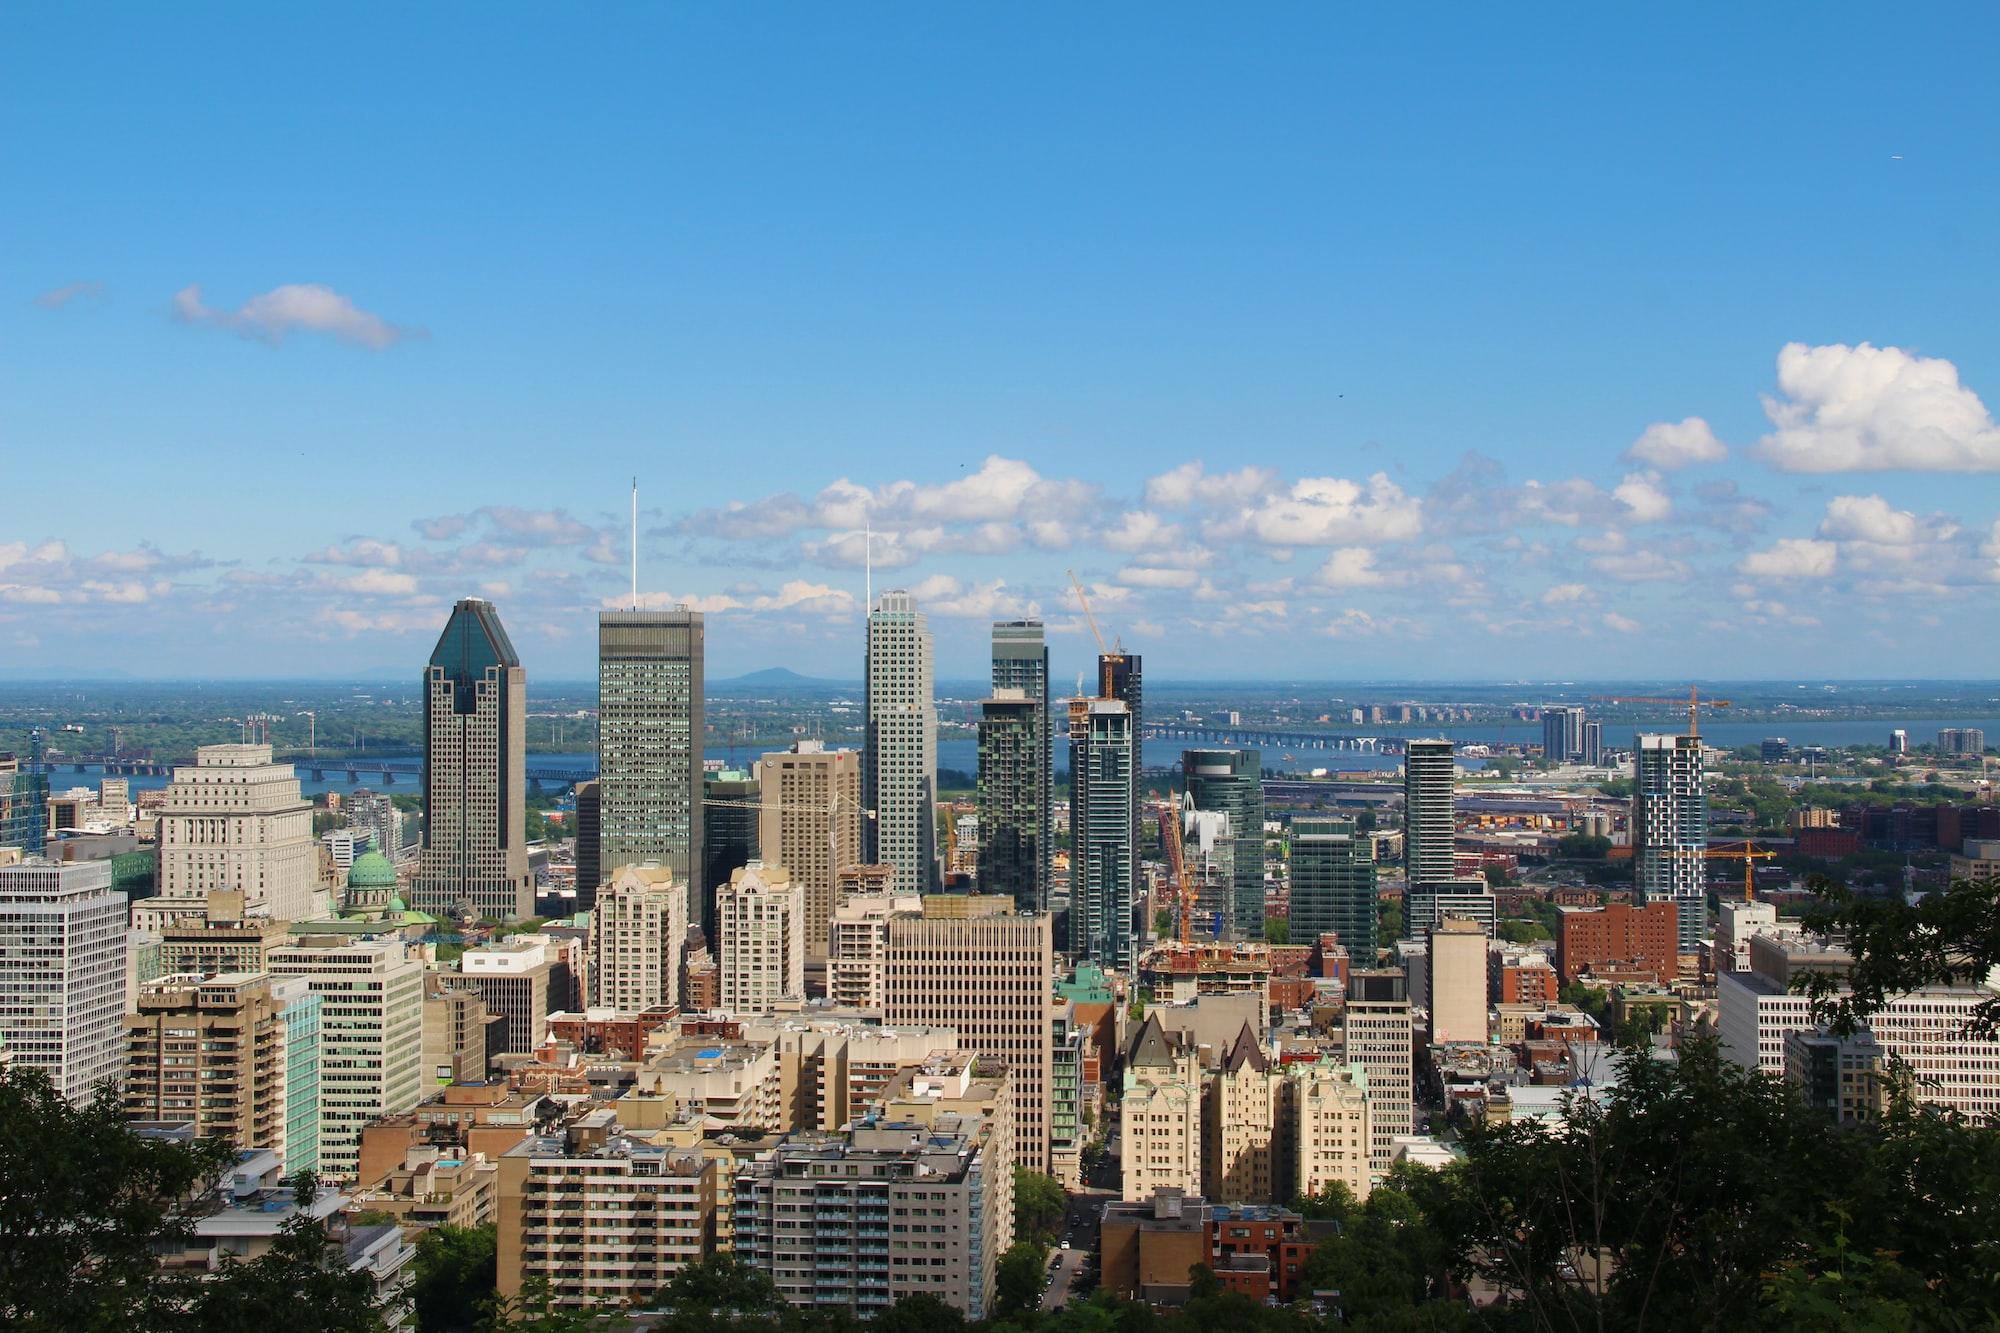 特鲁多承认:魁北克是个国家!